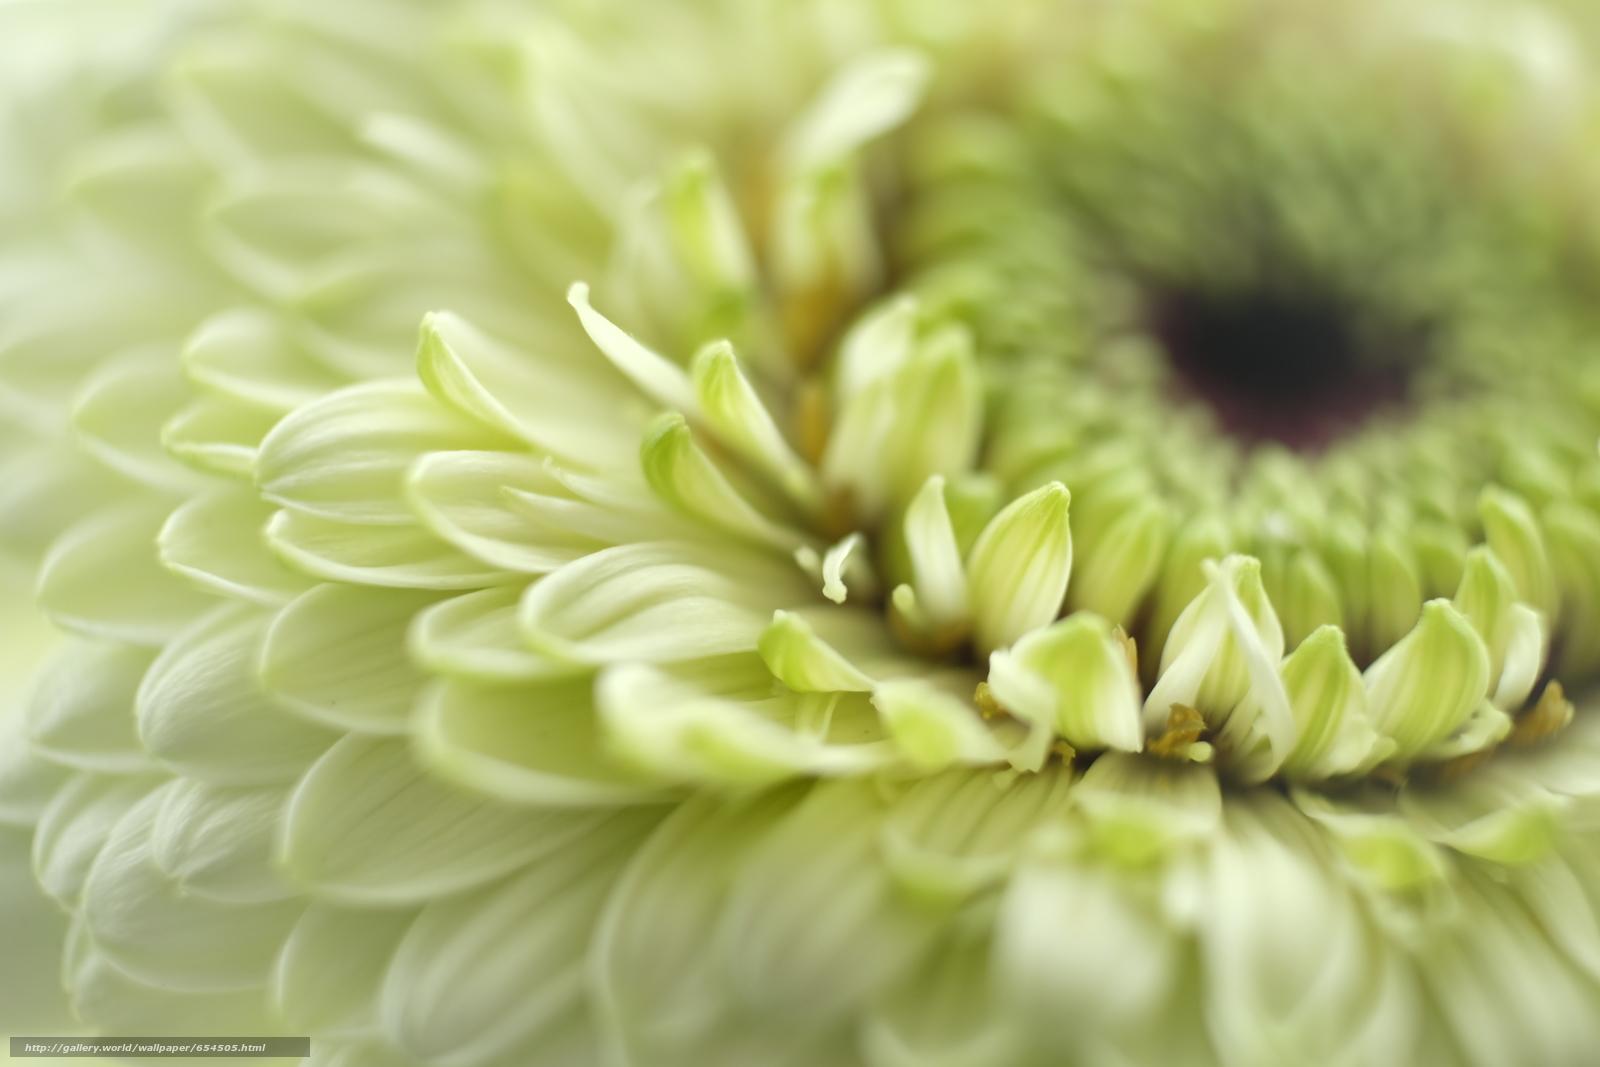 Скачать обои цветок,  цветы,  флора,  макро бесплатно для рабочего стола в разрешении 4896x3264 — картинка №654505